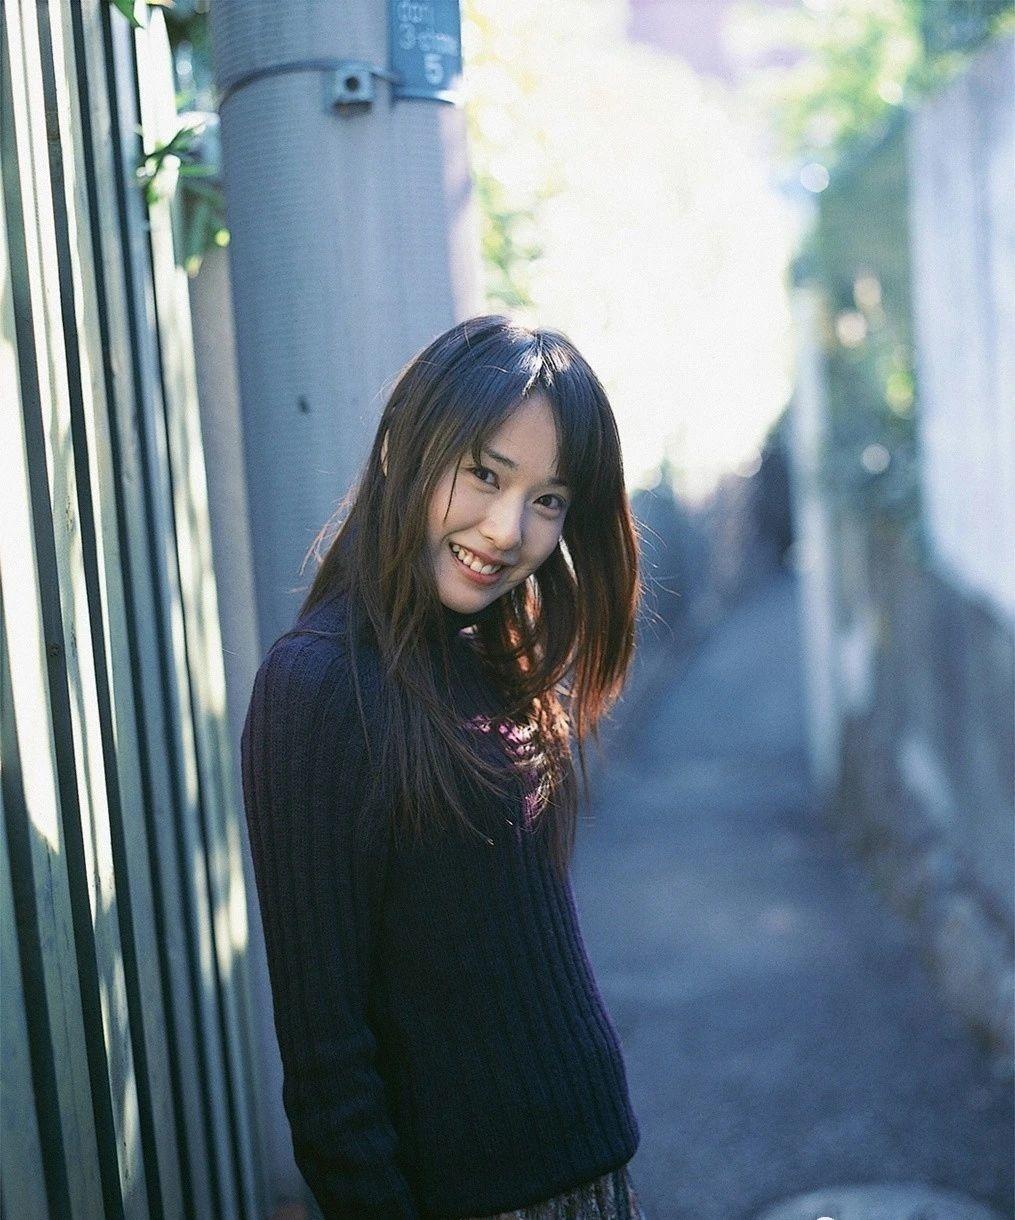 美的不可方物少女时代的户田惠梨香写真作品 (53)